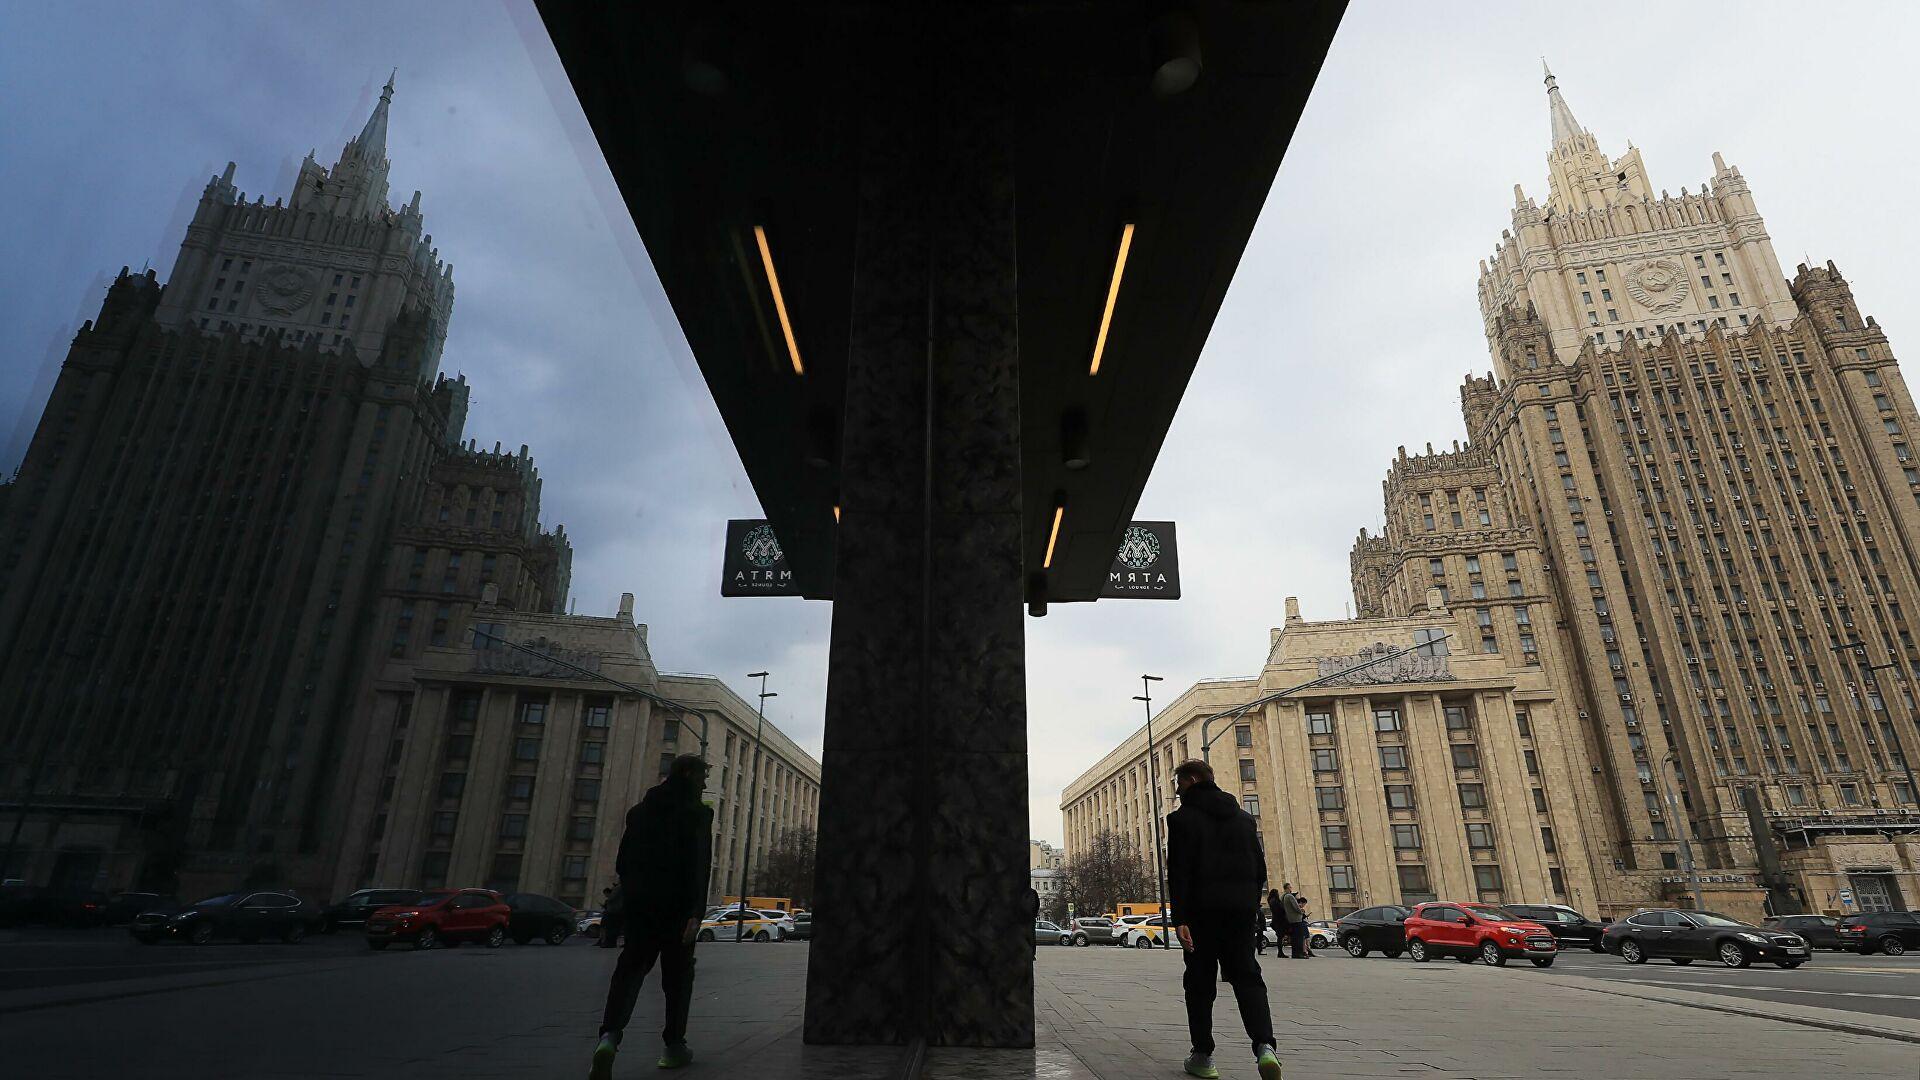 Москва: Желели би да упозоримо Вашингтон на непромишљени корак на пољу санкција